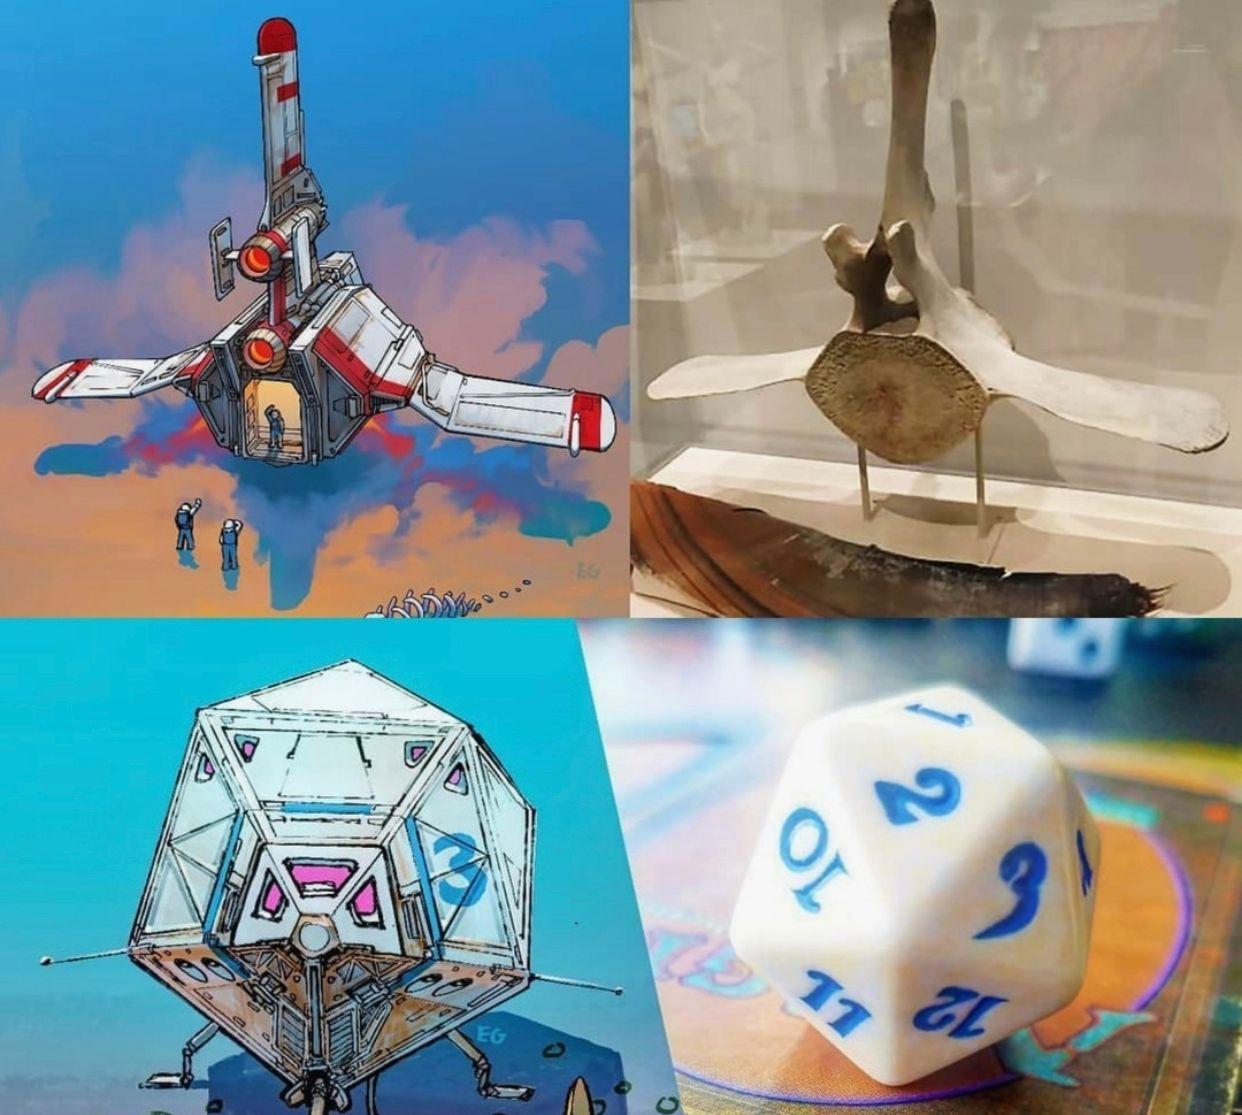 电影中那些超酷的飞船,原型都是这么来的吗?